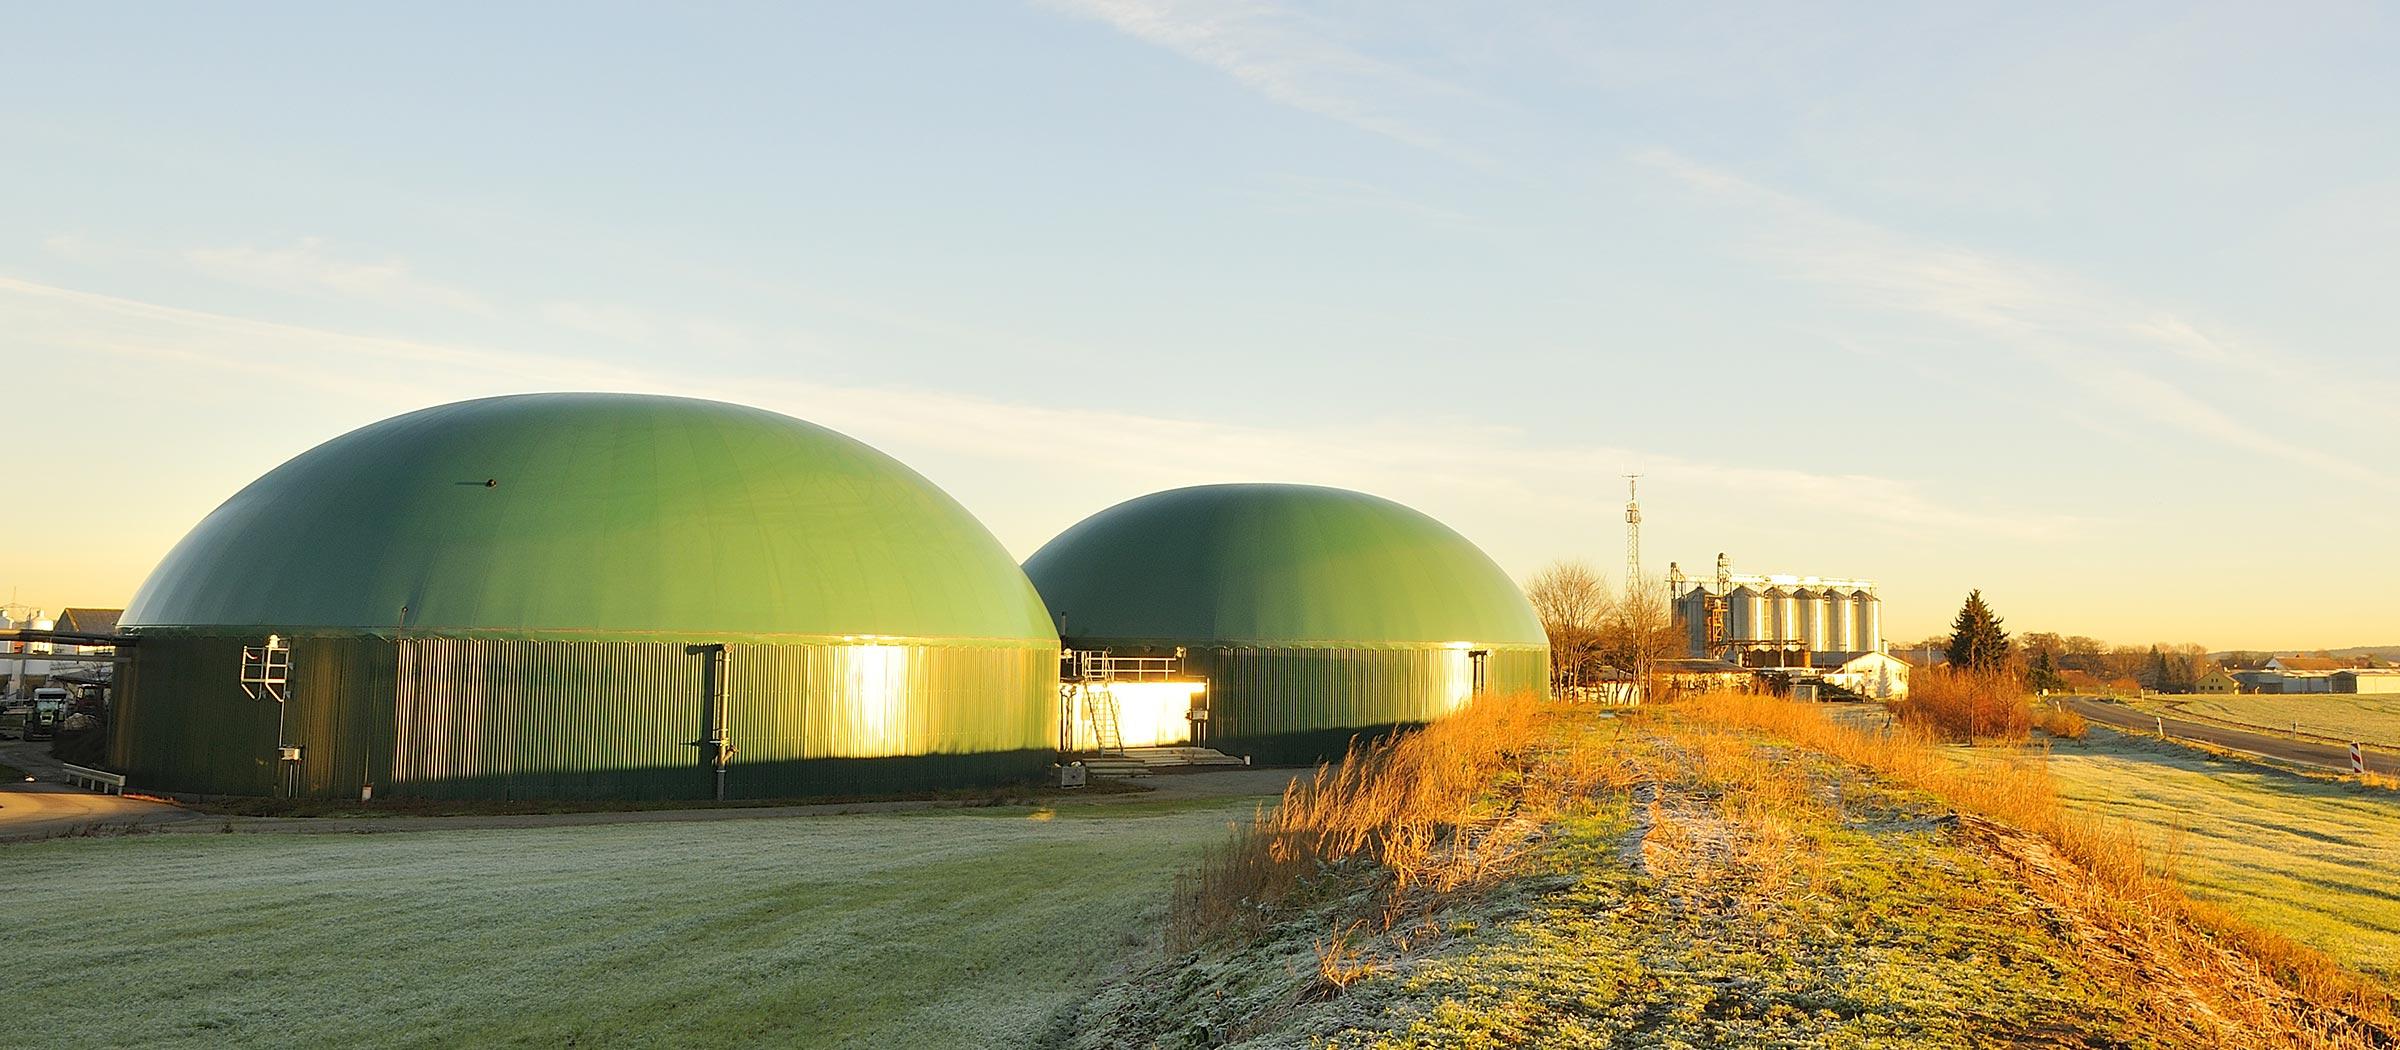 Darstellung einer Biogasanlage als Symbol für den Geschäftsbereich Eerneuerbare Energien